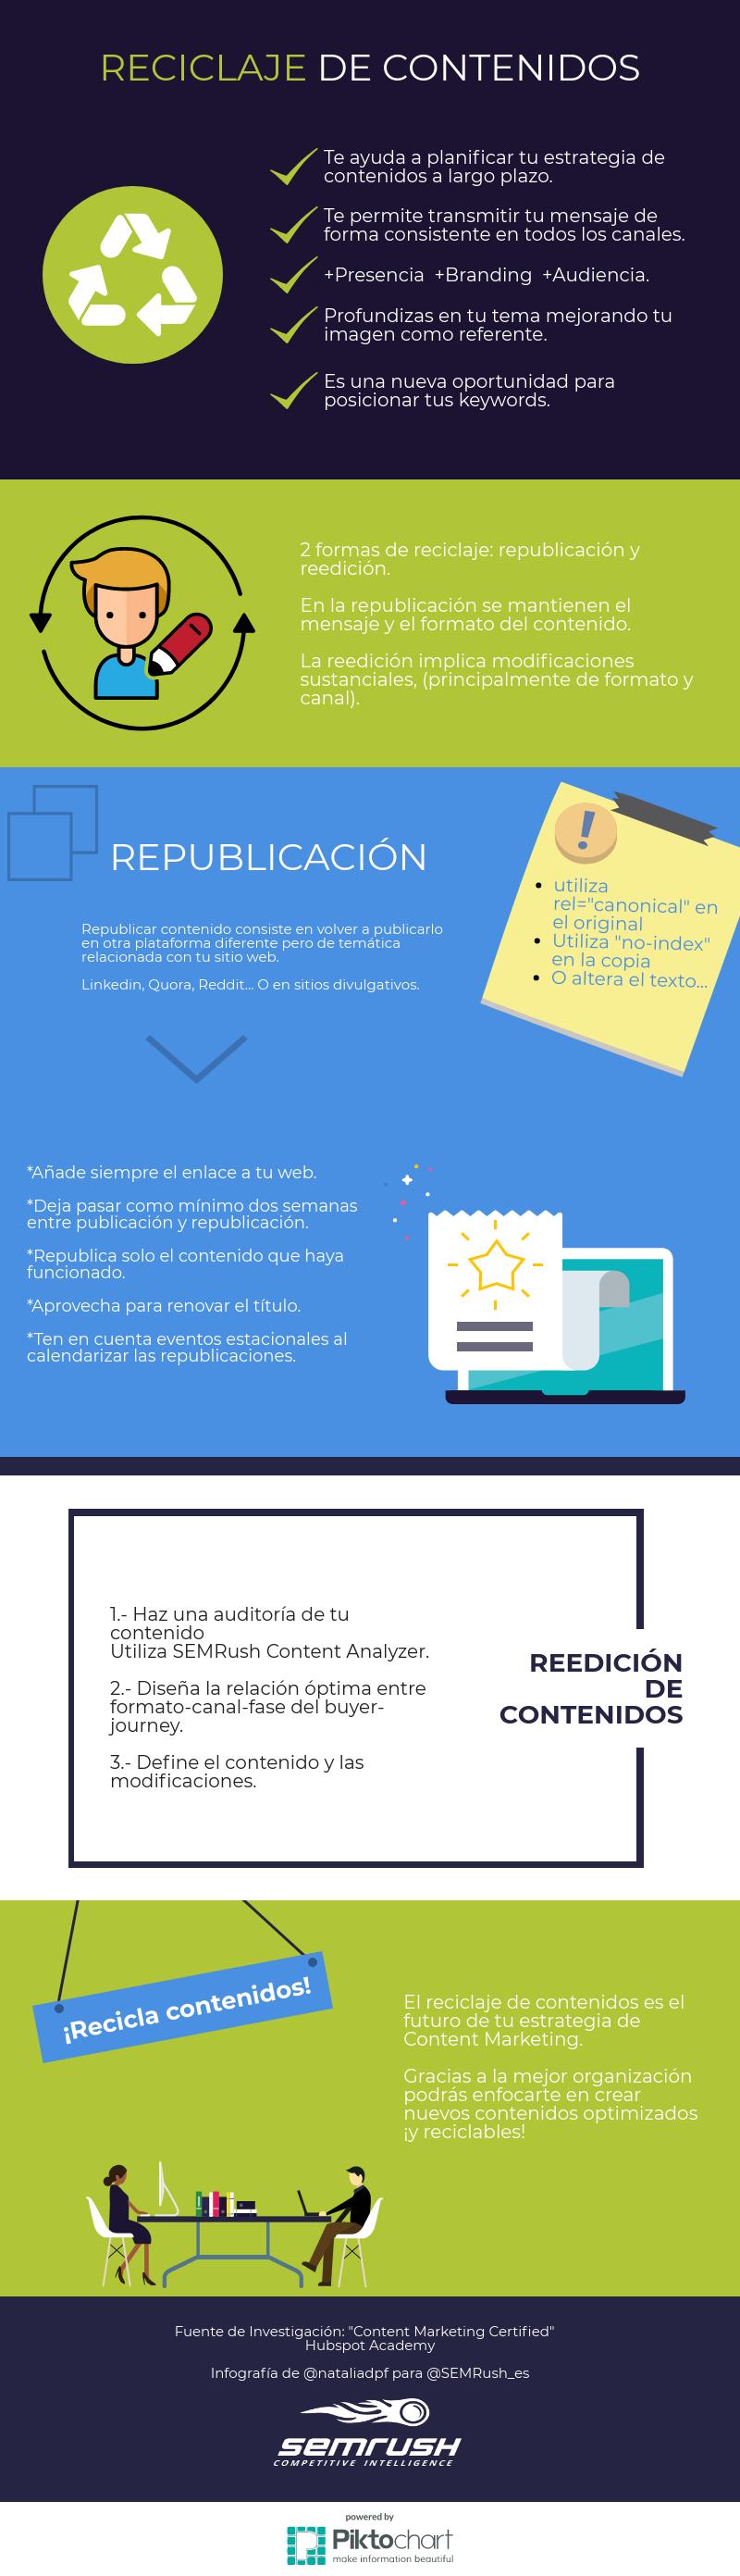 Reciclaje de contenidos - Infografía